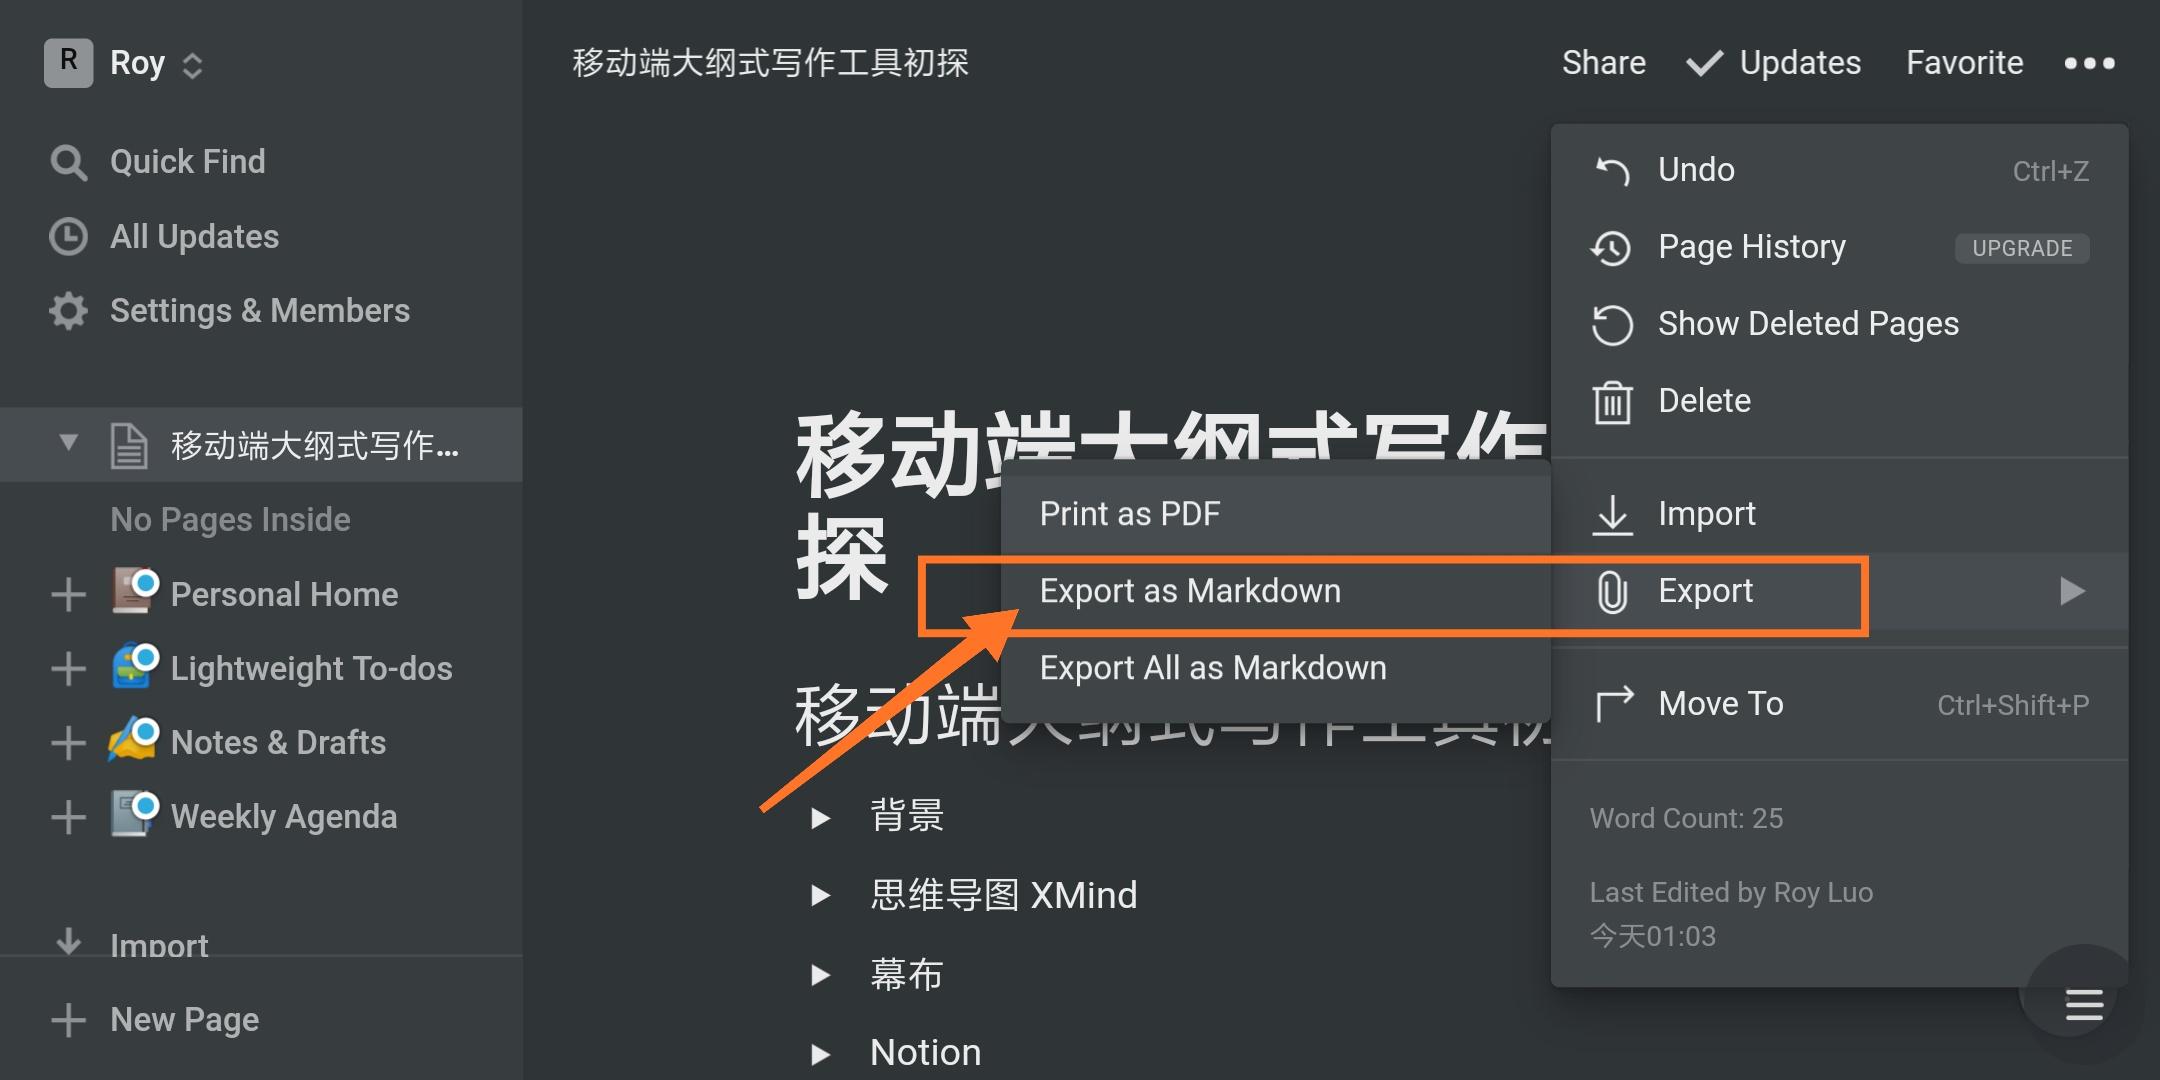 横屏访问 Notion 网页,可看到导出选项